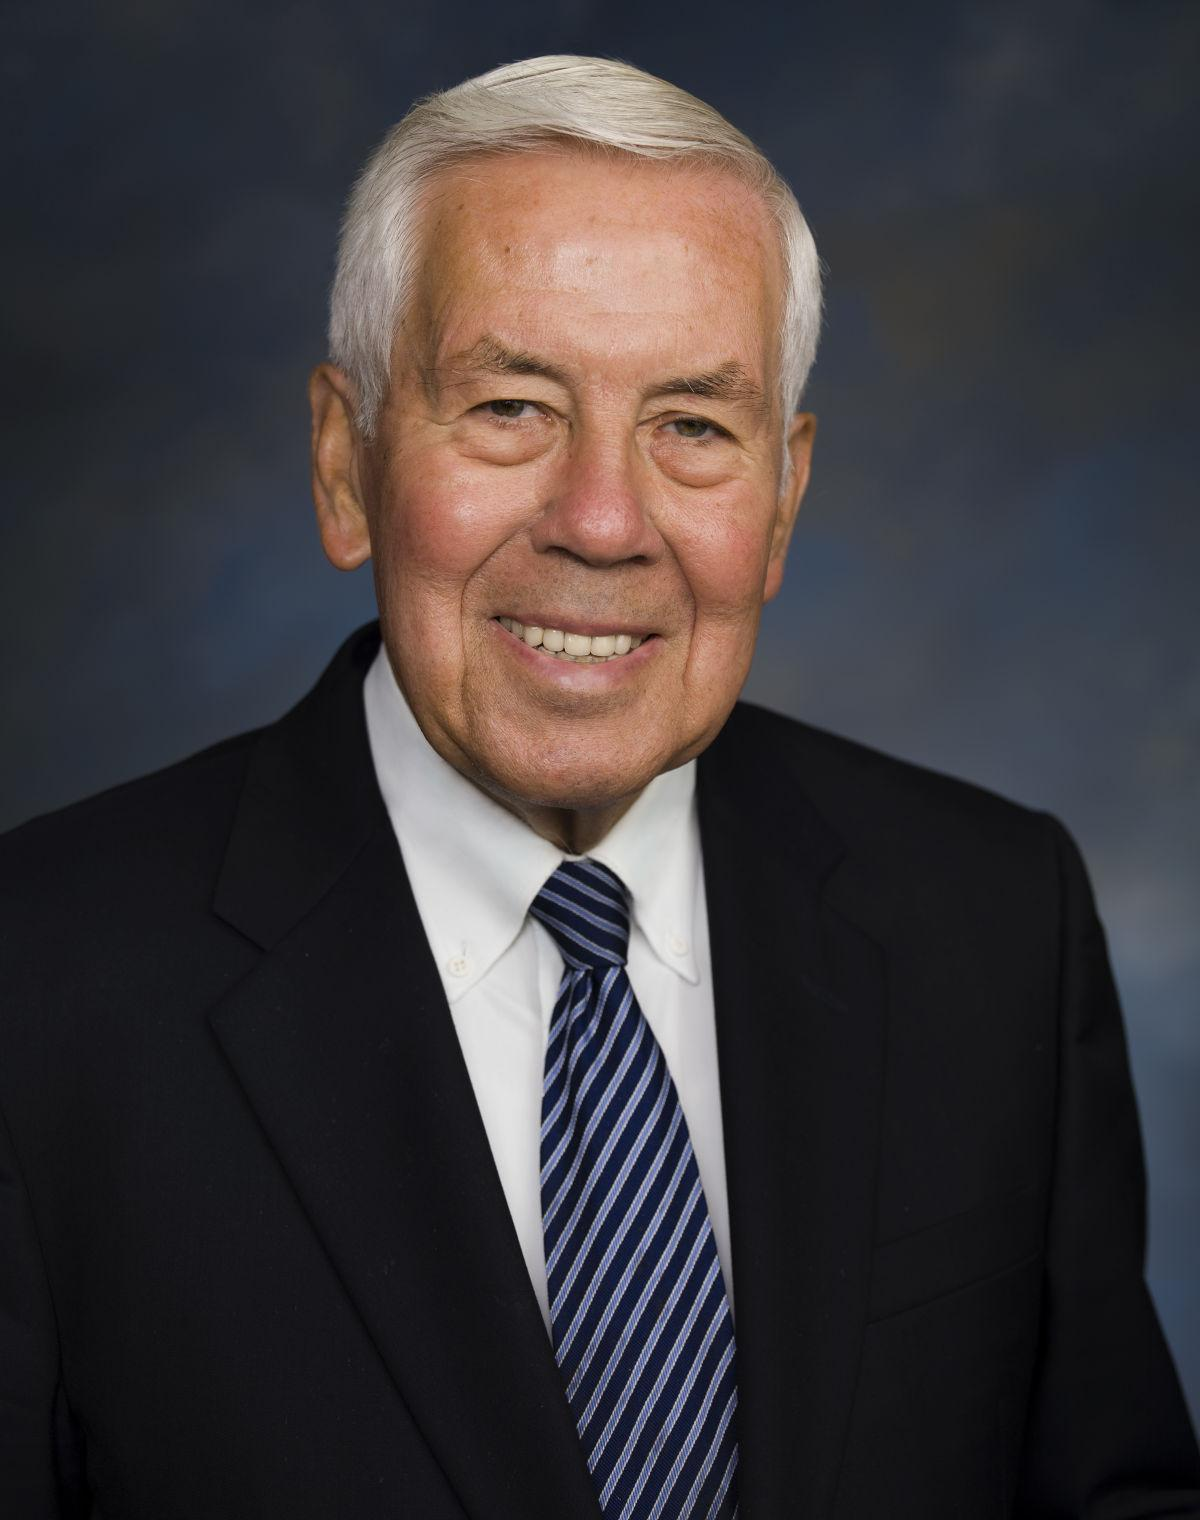 Dick Lugar